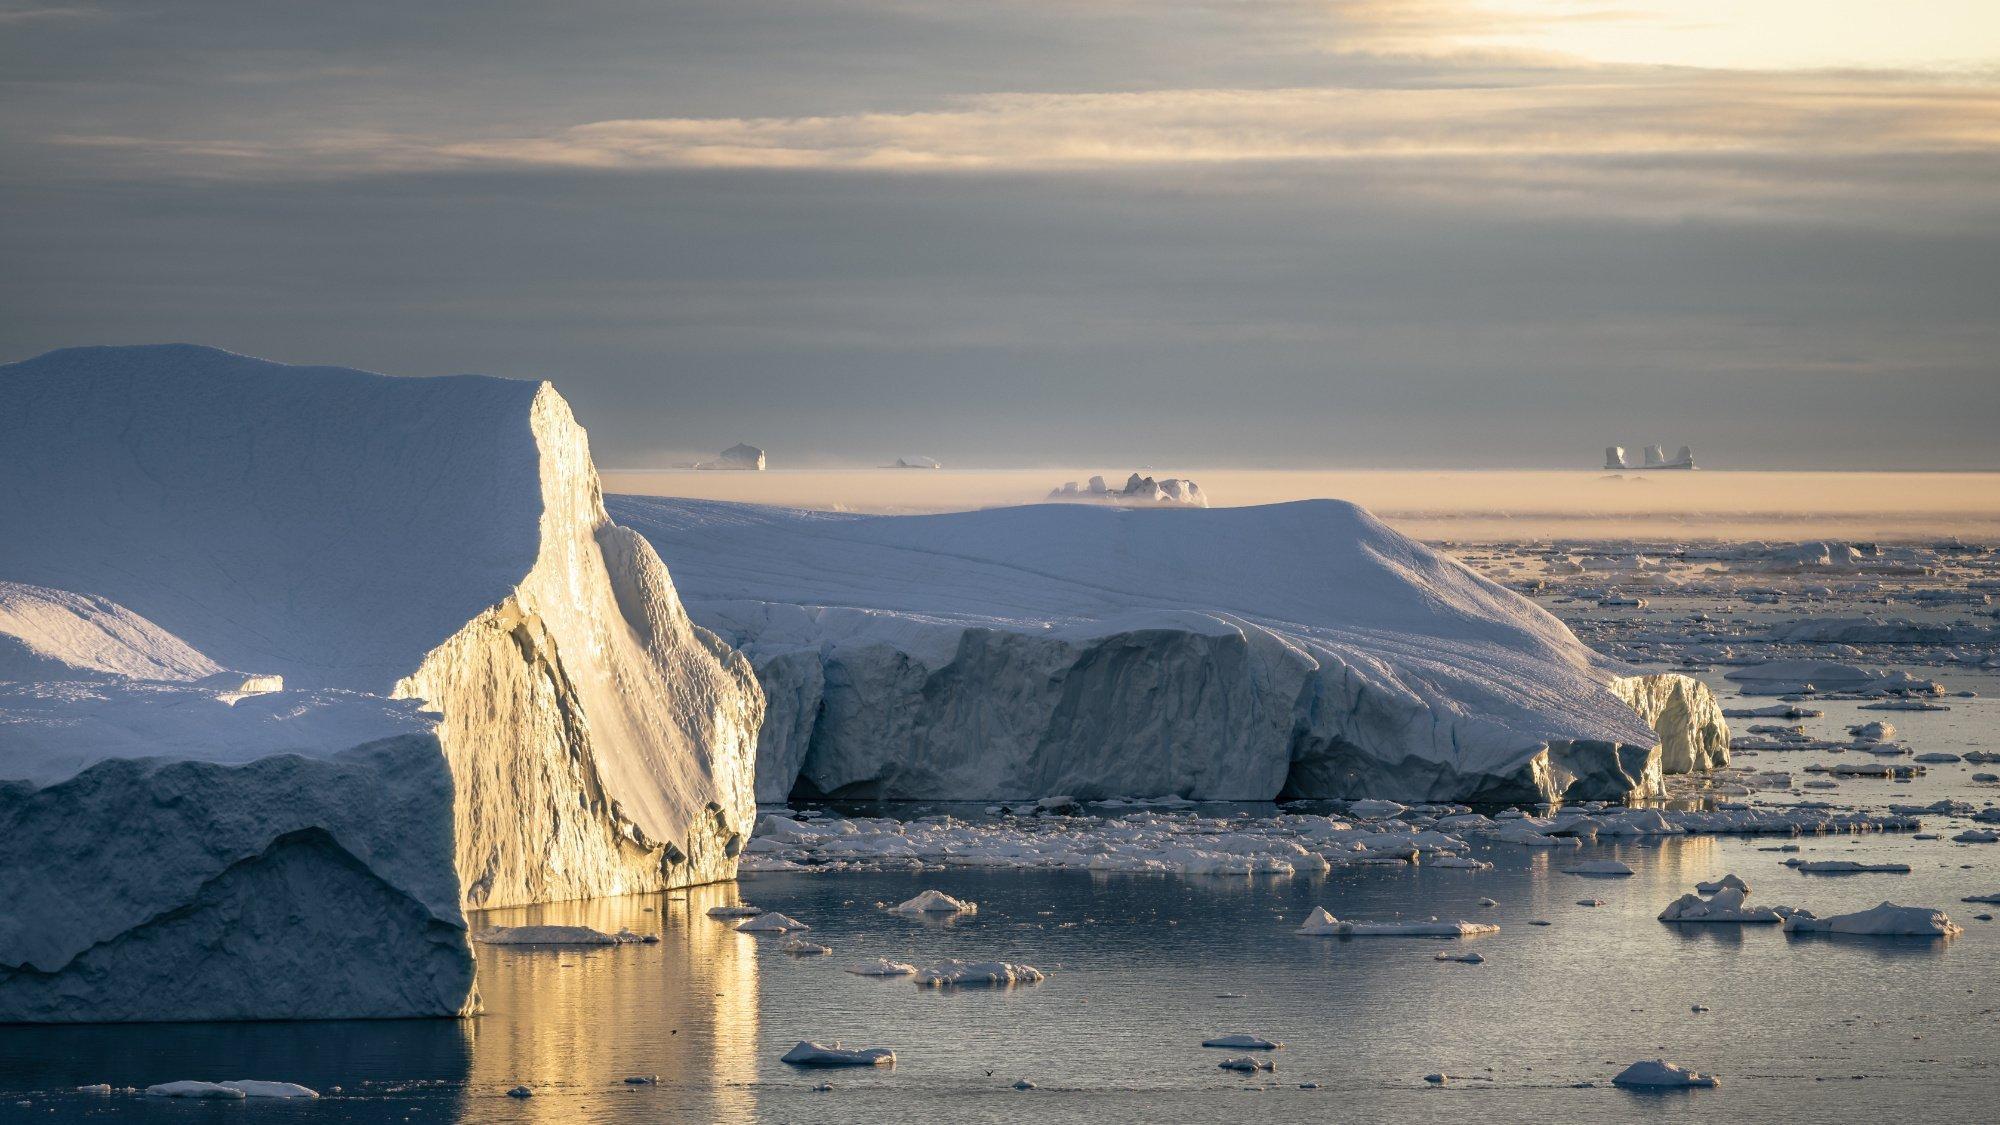 Auf dem Meer schwimmen Eisberge, die seitlich von der Sonne angeschienen werden. Rechte: Edward Felton, © 2021Netflix, Inc.